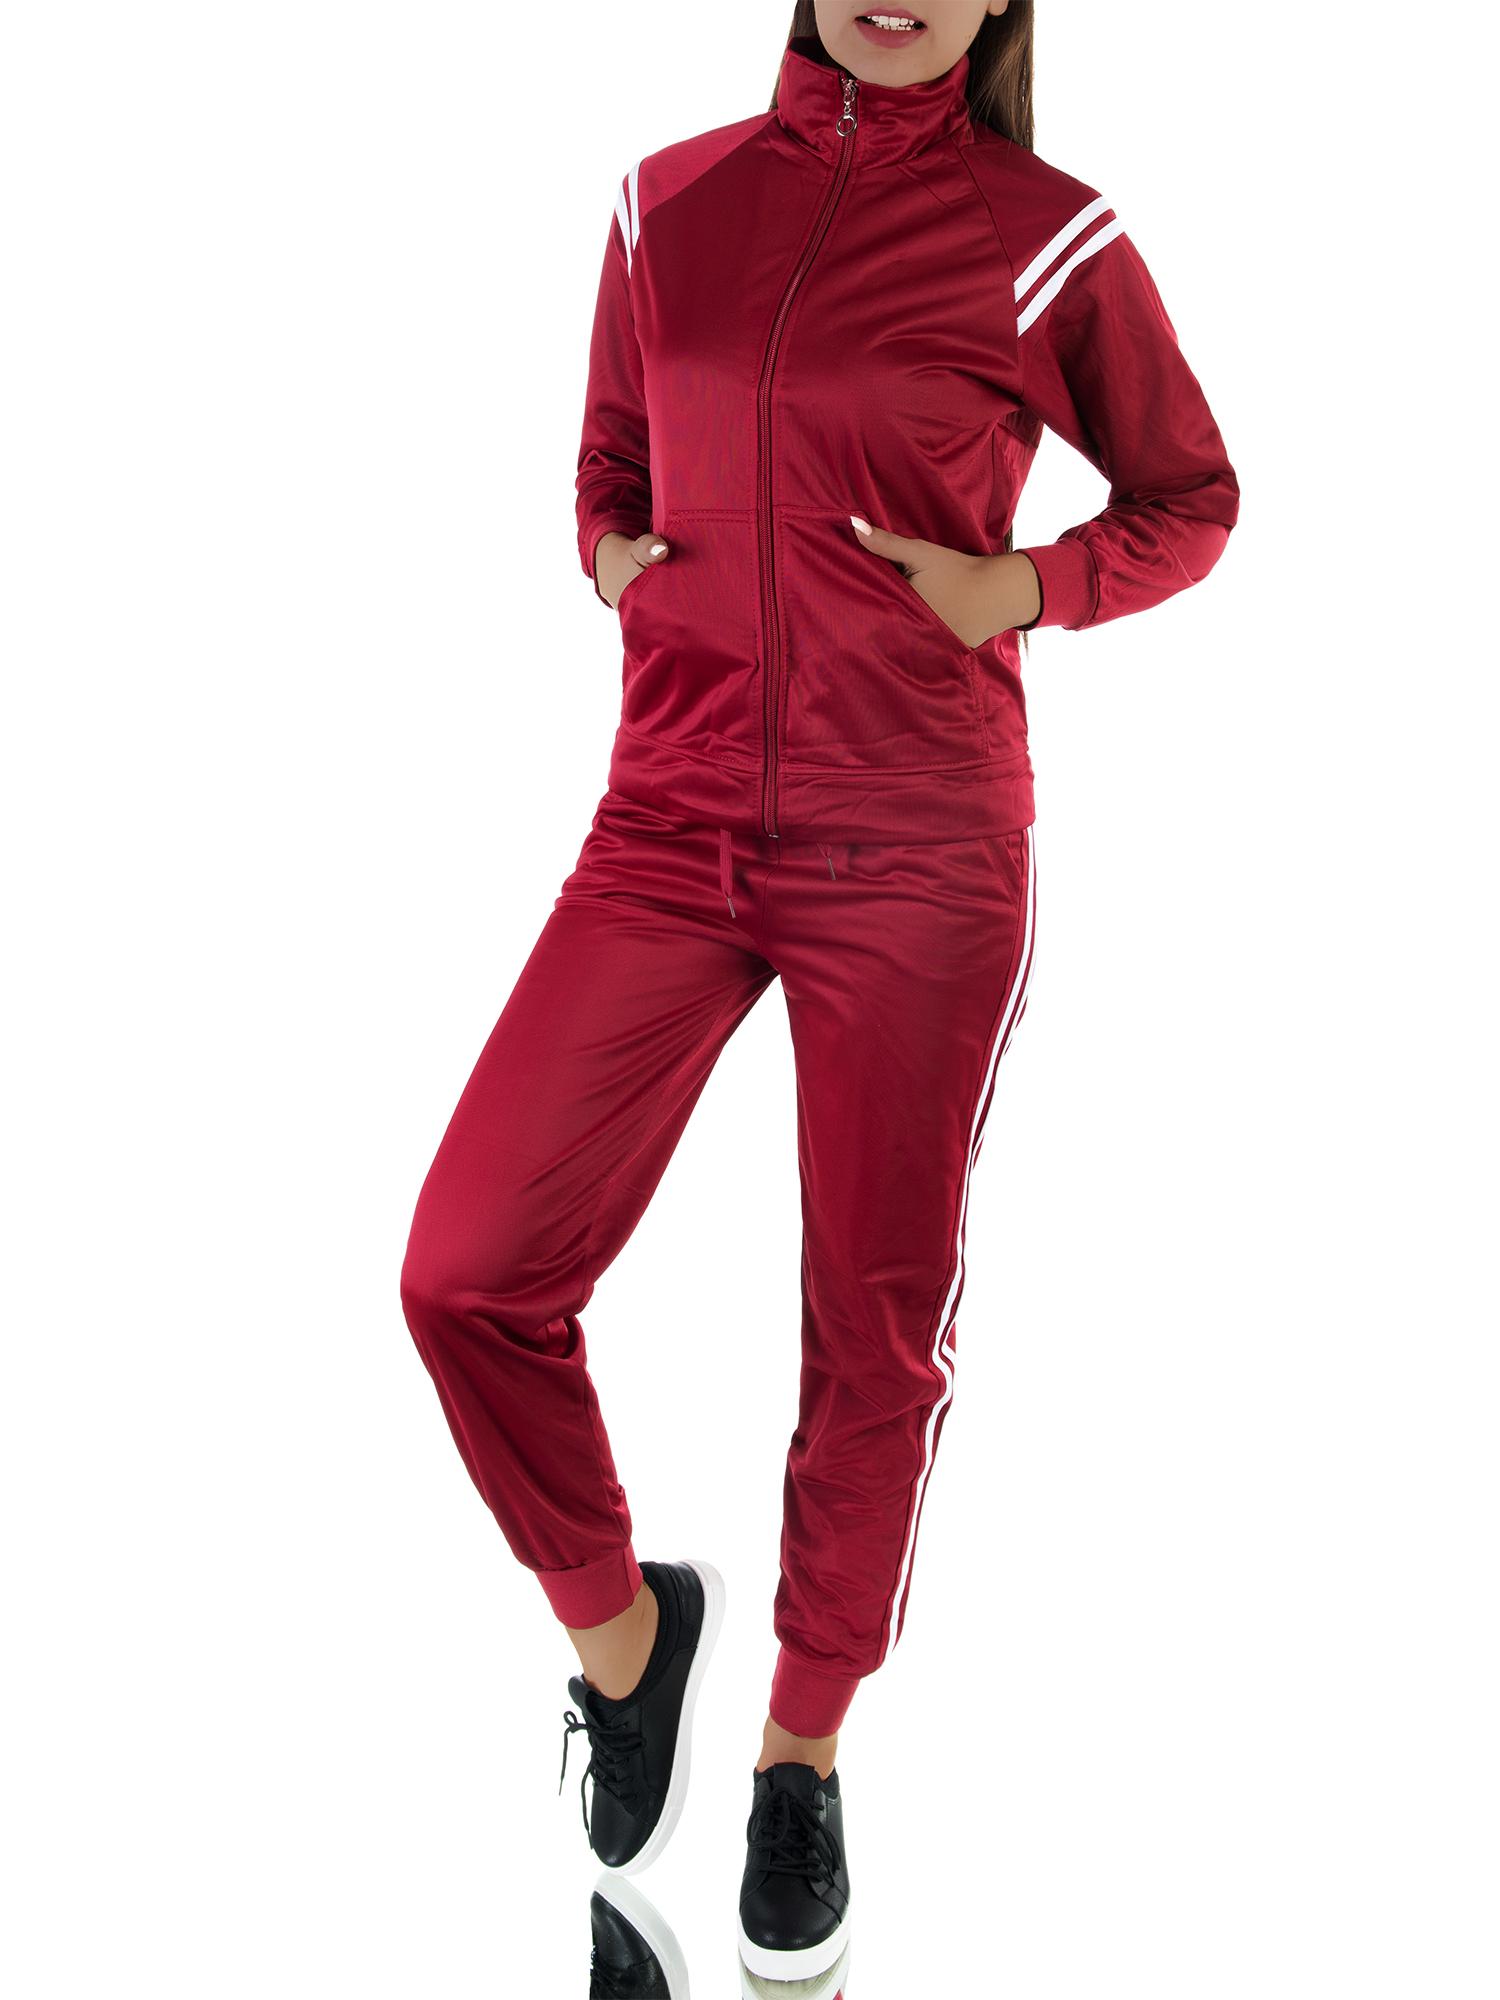 Hose Sport Anzug DE Damen Mickey Mouse Trainingsanzug Jogginghose Pullover Top